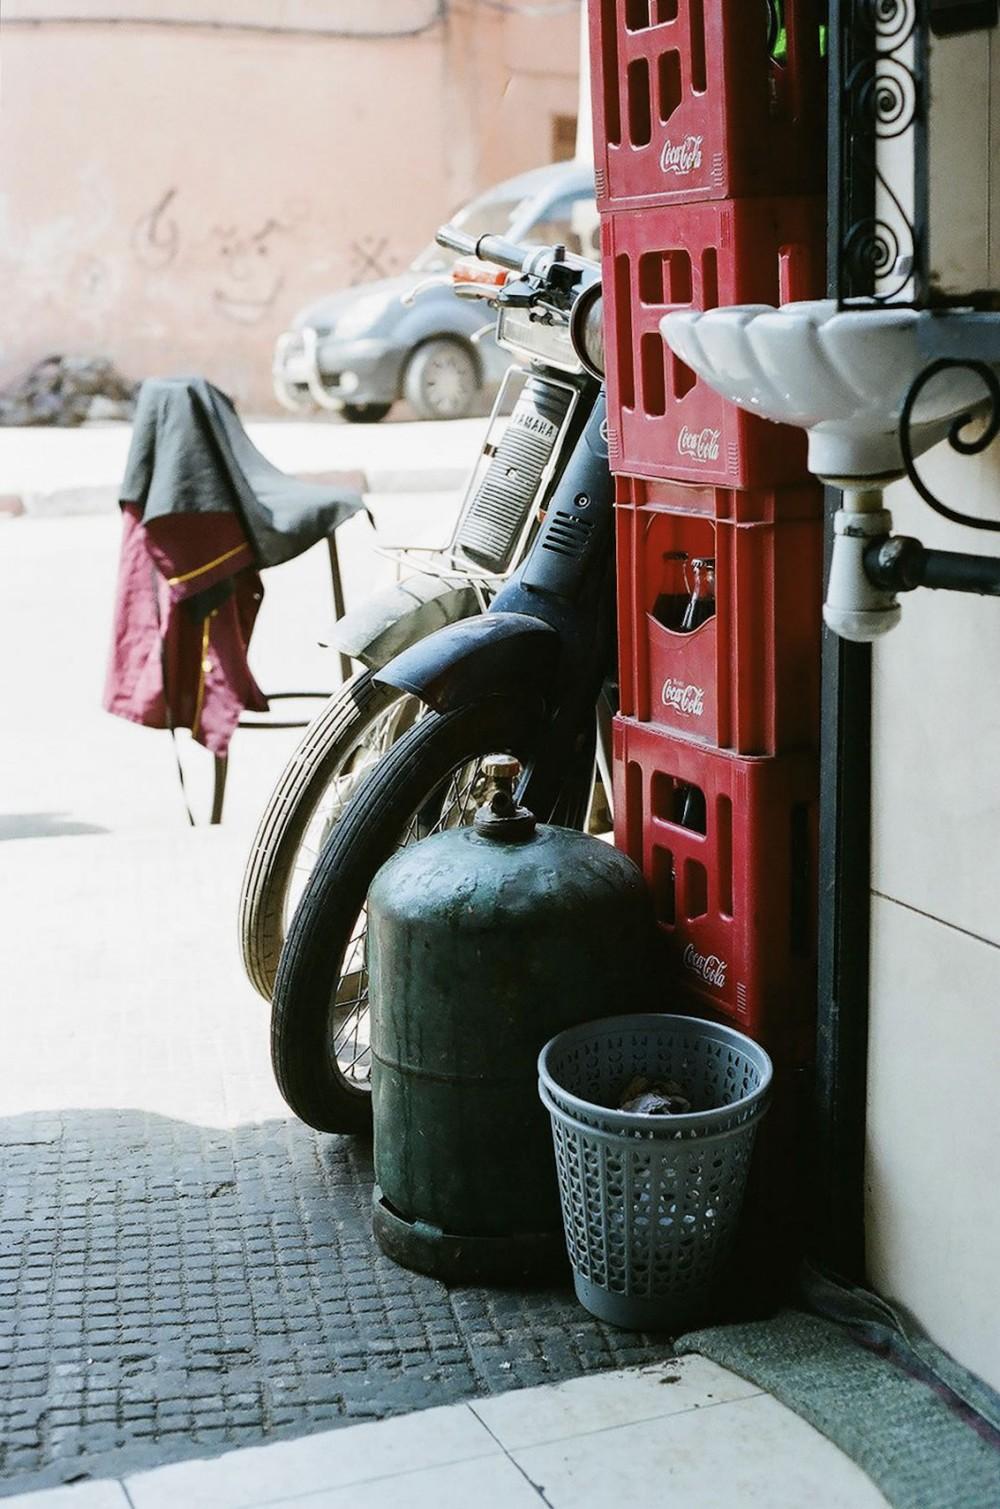 201303-Marrakech-139,xlarge.jpg